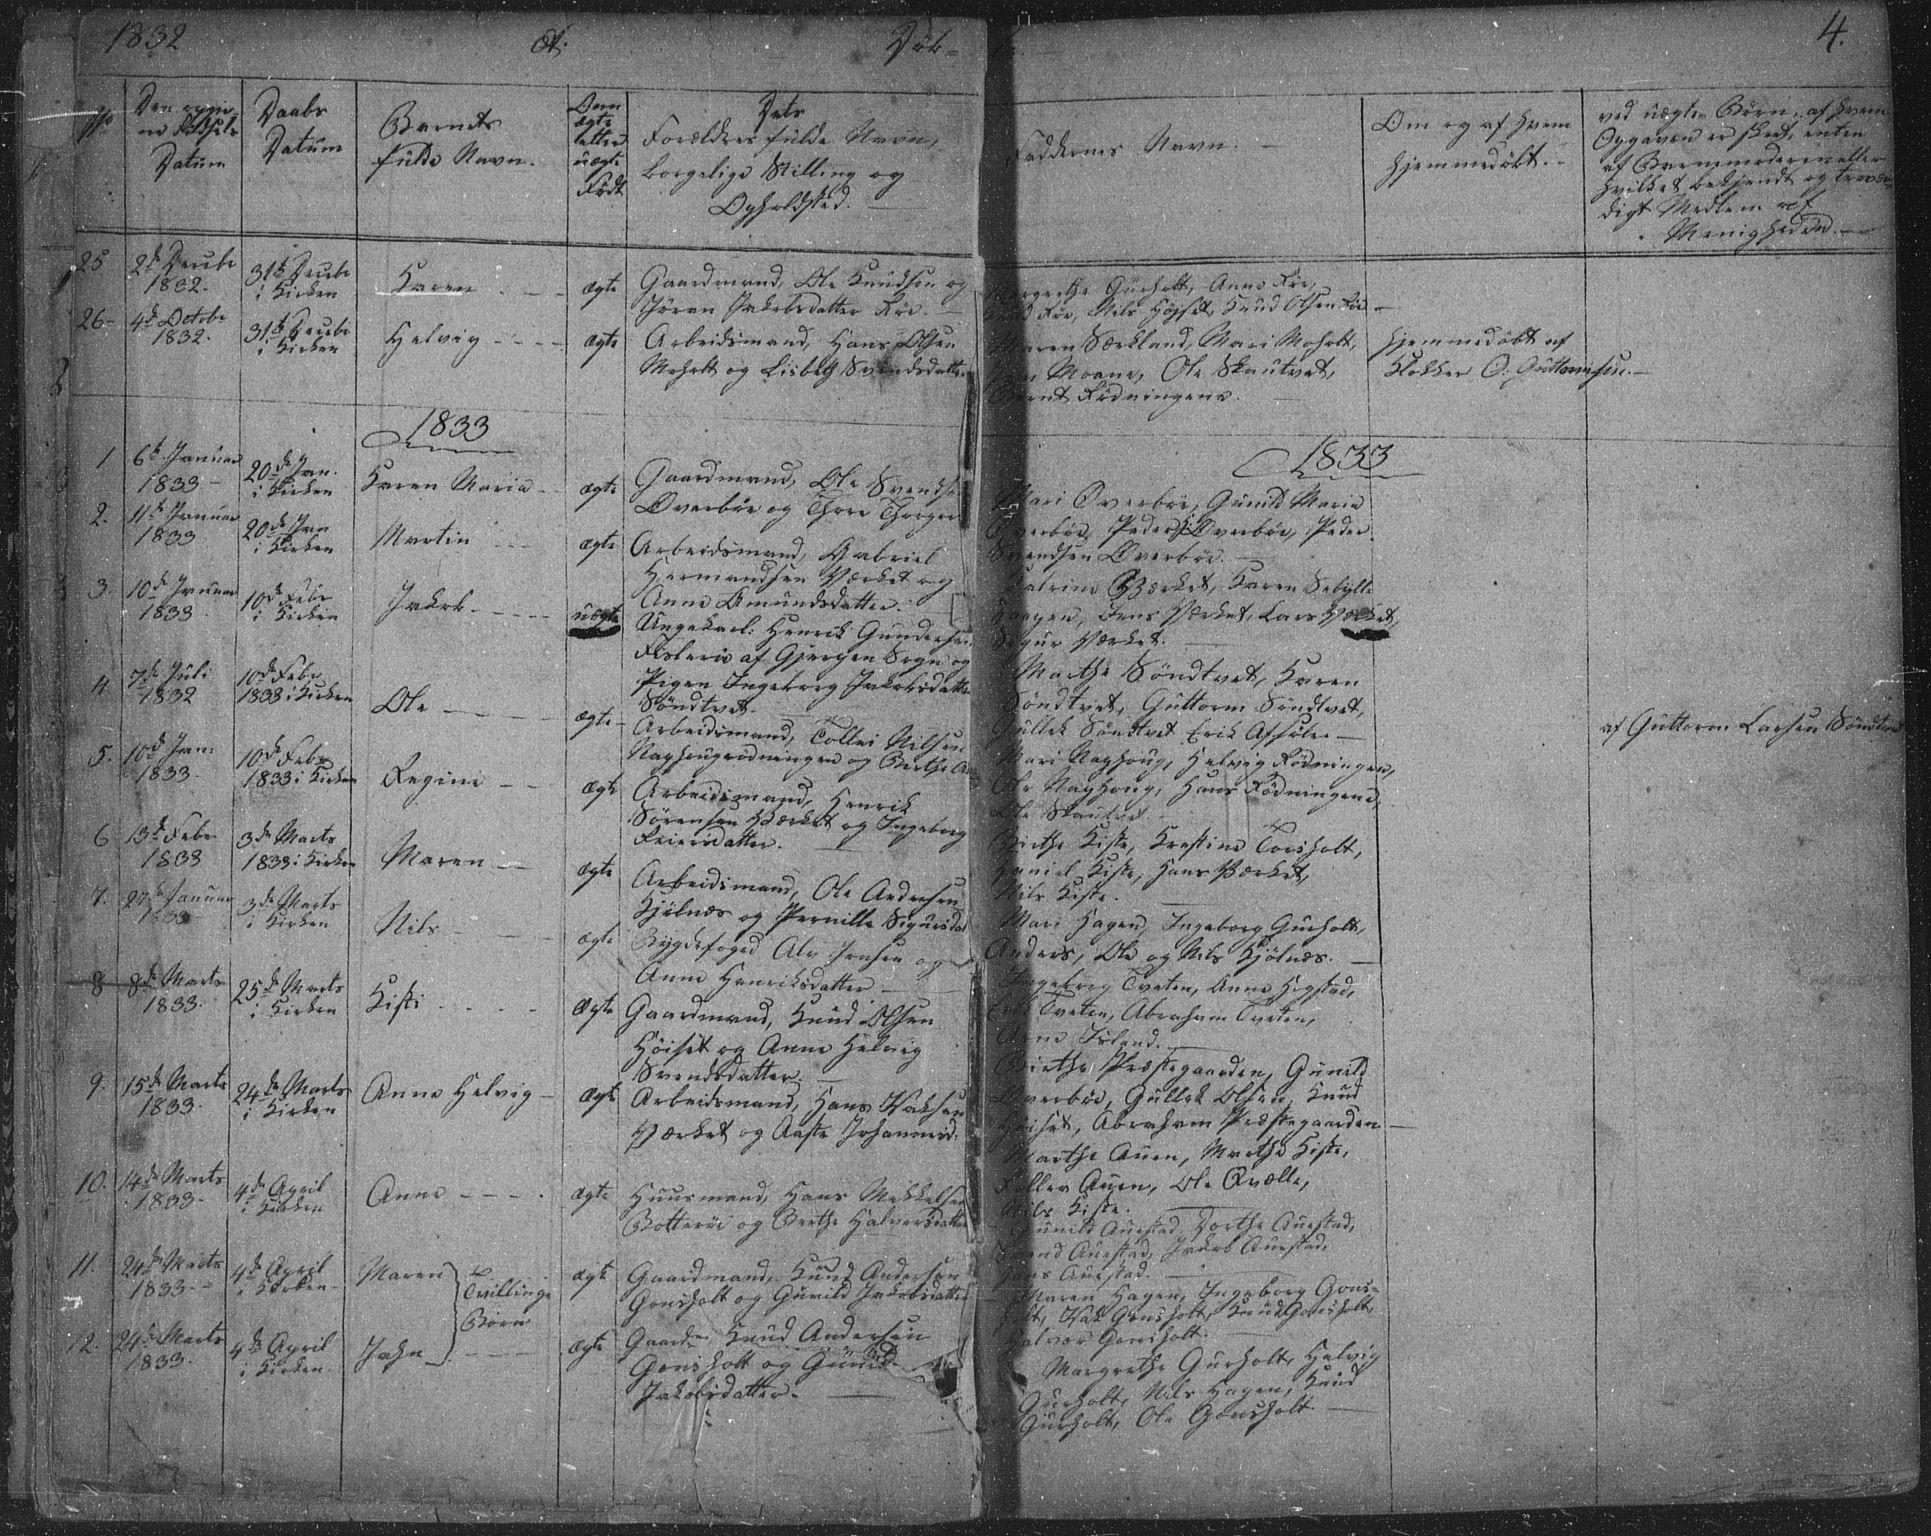 SAKO, Siljan kirkebøker, F/Fa/L0001: Ministerialbok nr. 1, 1831-1870, s. 4